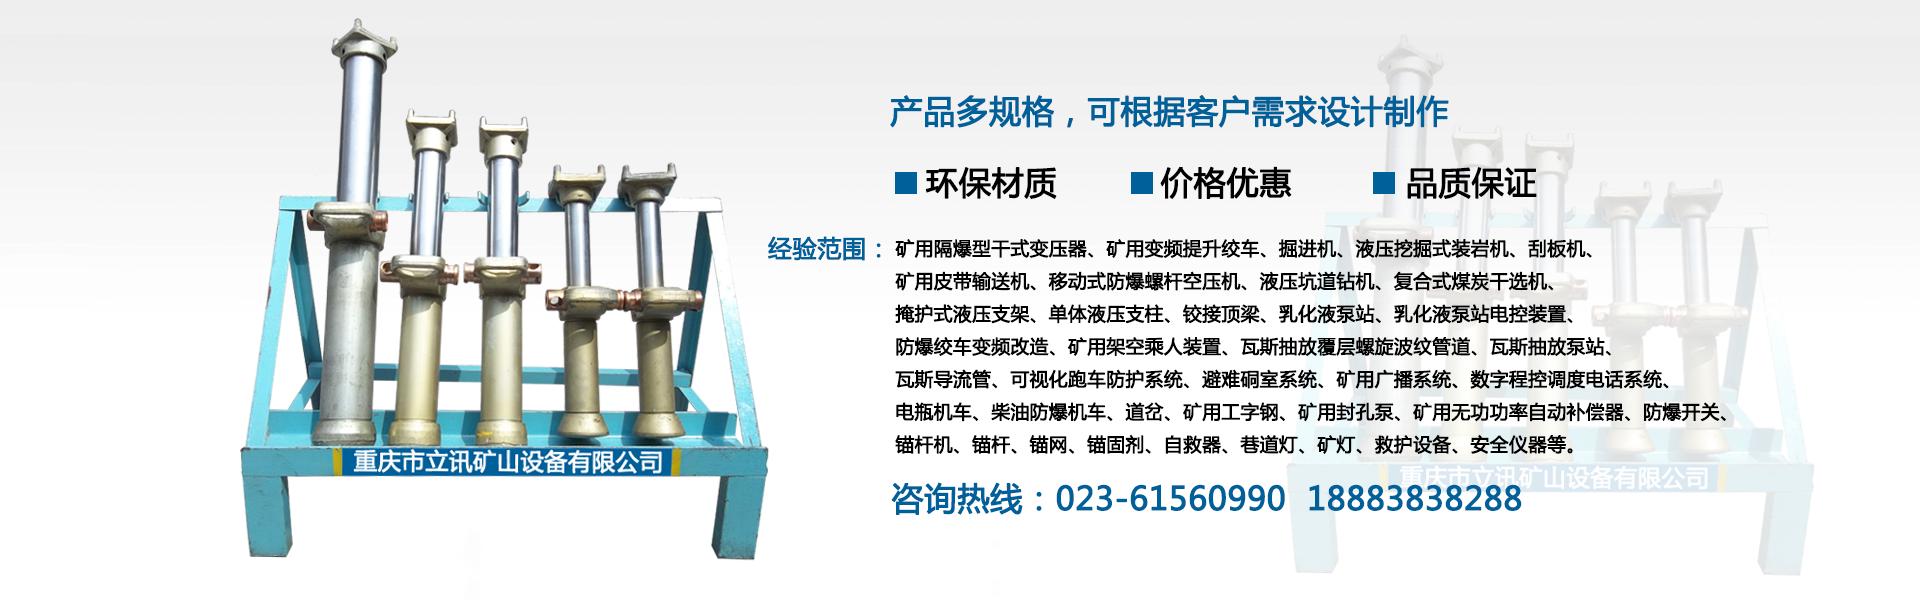 重庆煤矿设备产品多规格,可根据客户需求设计制作